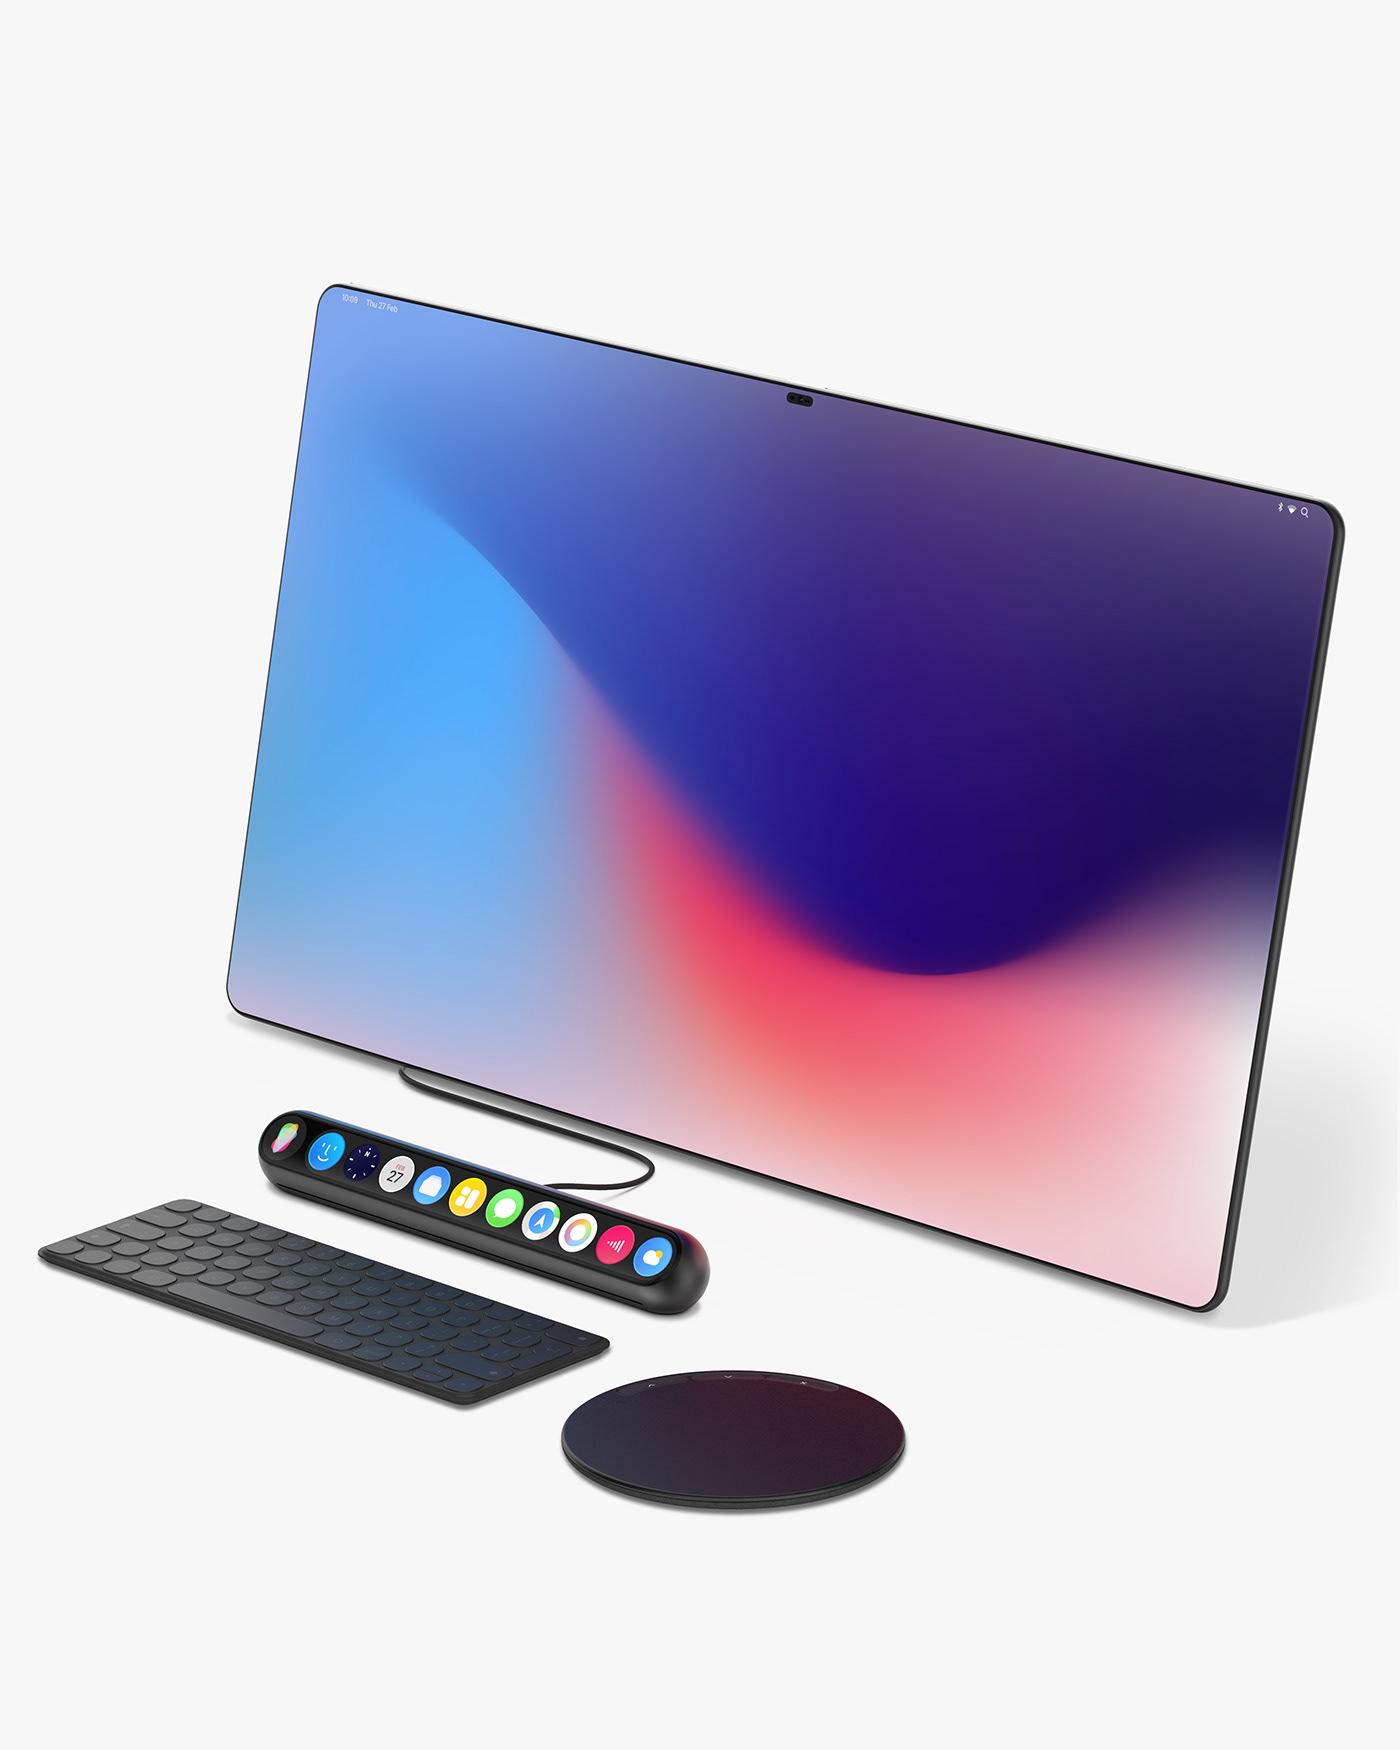 Image may contain: laptop, screenshot and computer monitor